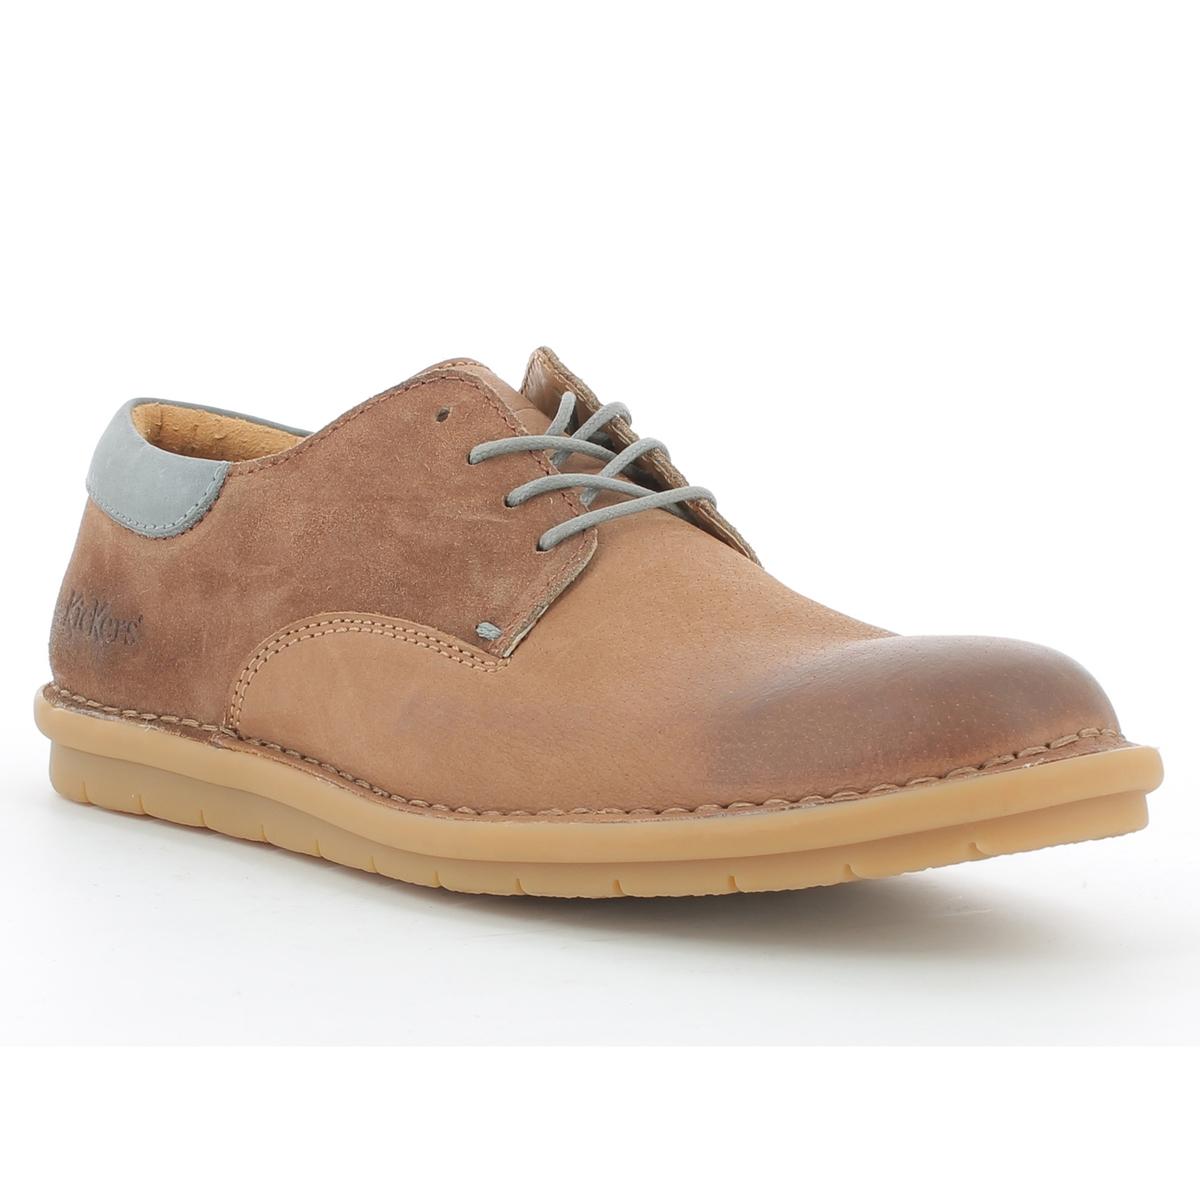 Ботинки-дерби кожаные на шнуровке Vildiur ботинки женские зимние на шнуровке без каблука купить